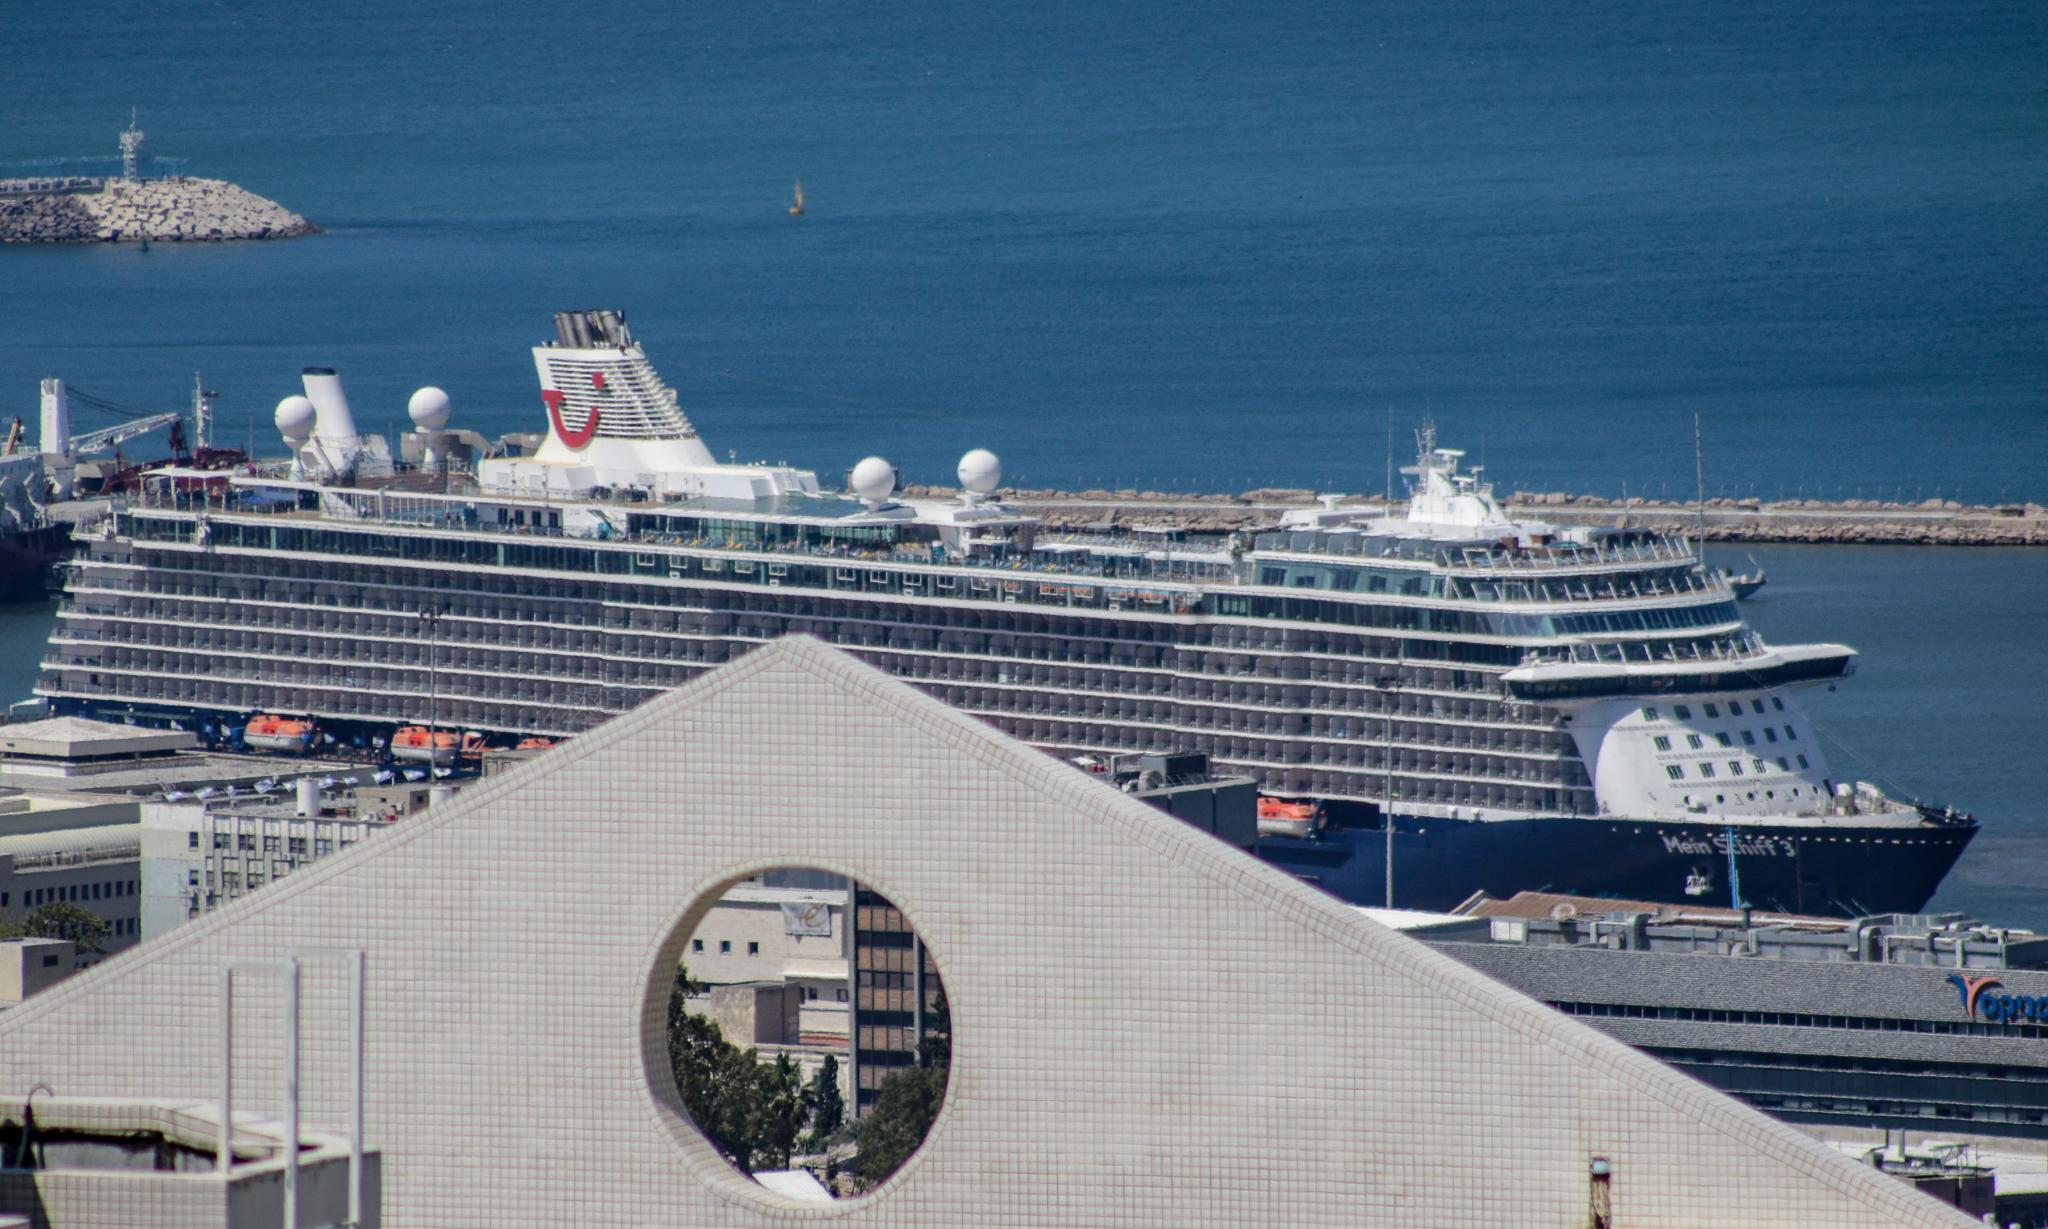 Cruise Ship Mein Schiff 3 in Haifa